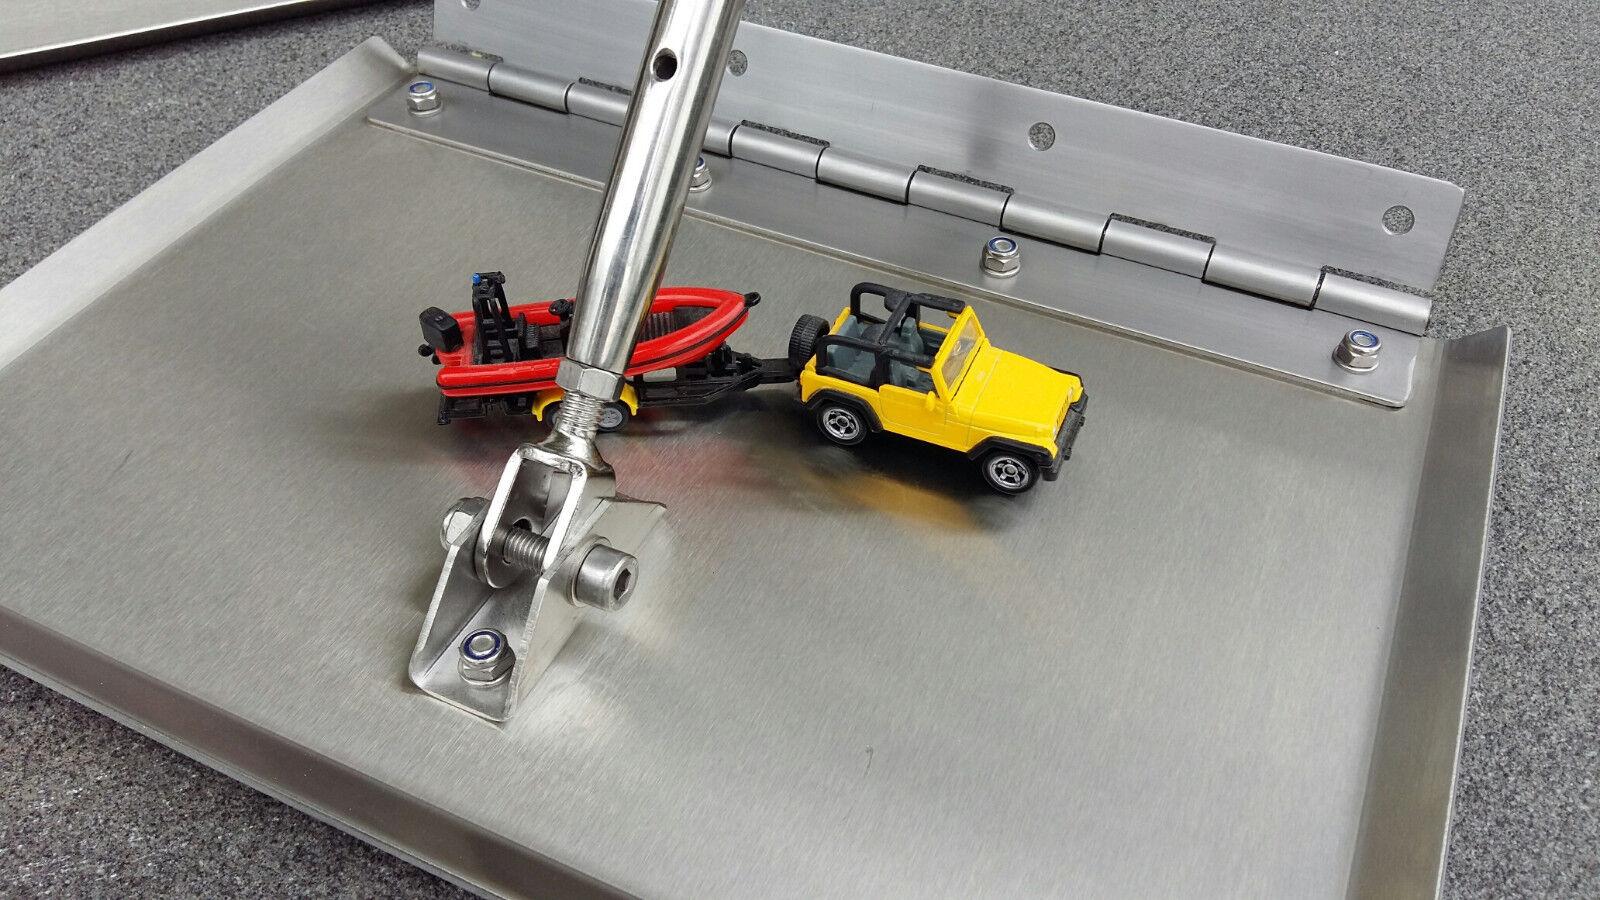 Trimmklappen Edelstahl Breite  mit Edelstahlklavierband Breite Edelstahl 375 mm 78b5cf